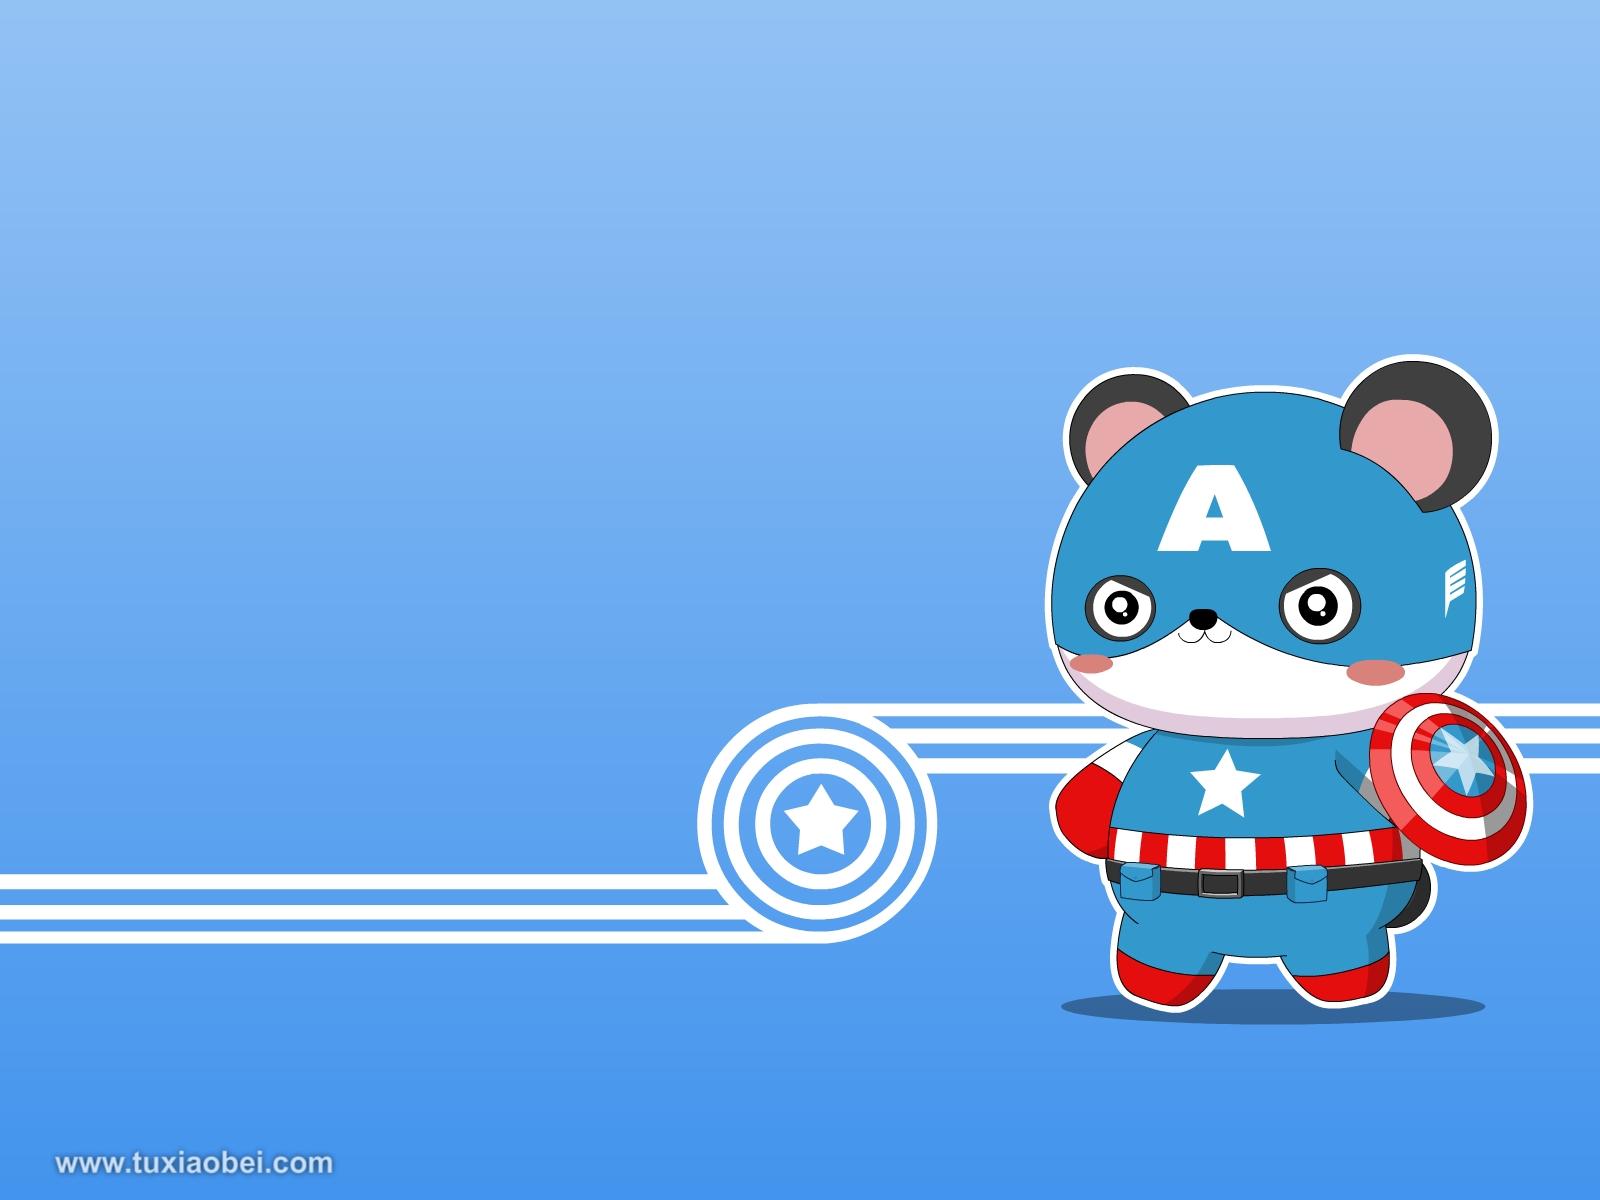 美国队长 - 兔小贝与宝宝贴心相伴